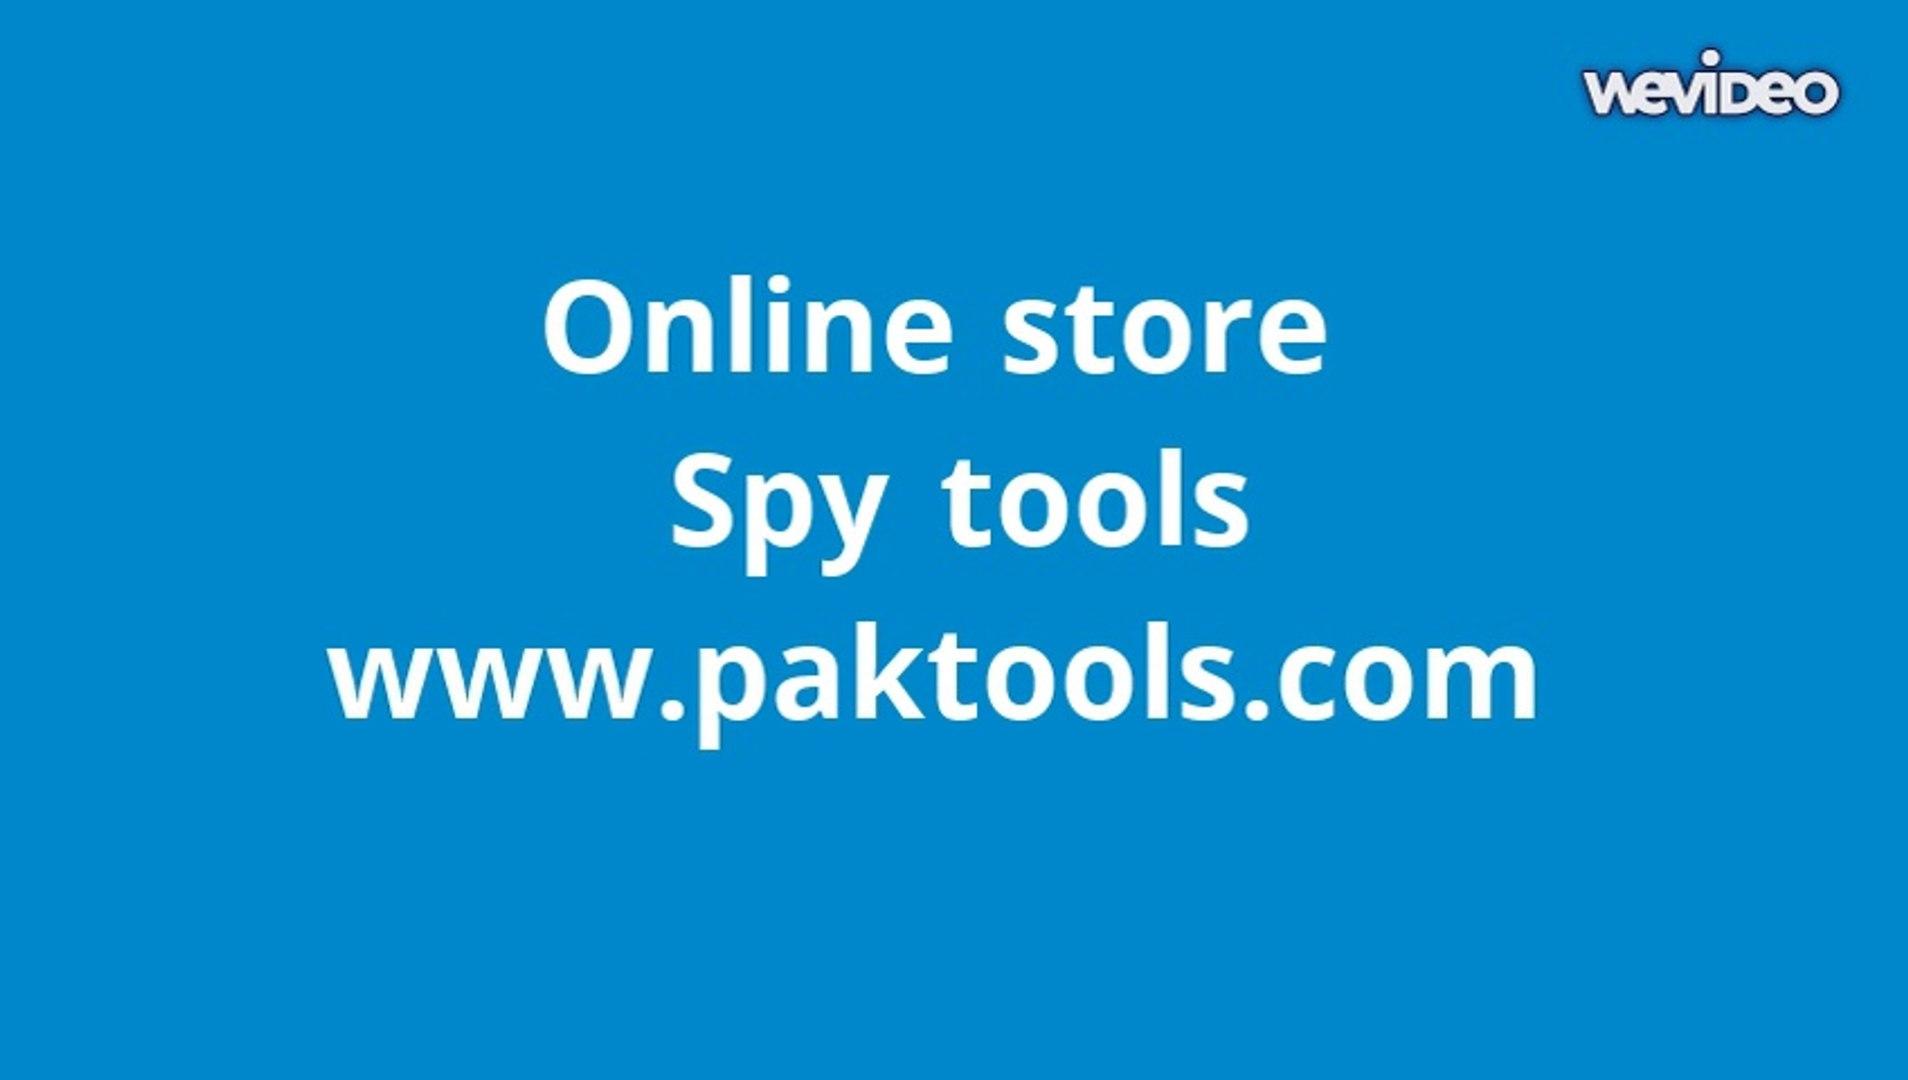 Paktools spy products